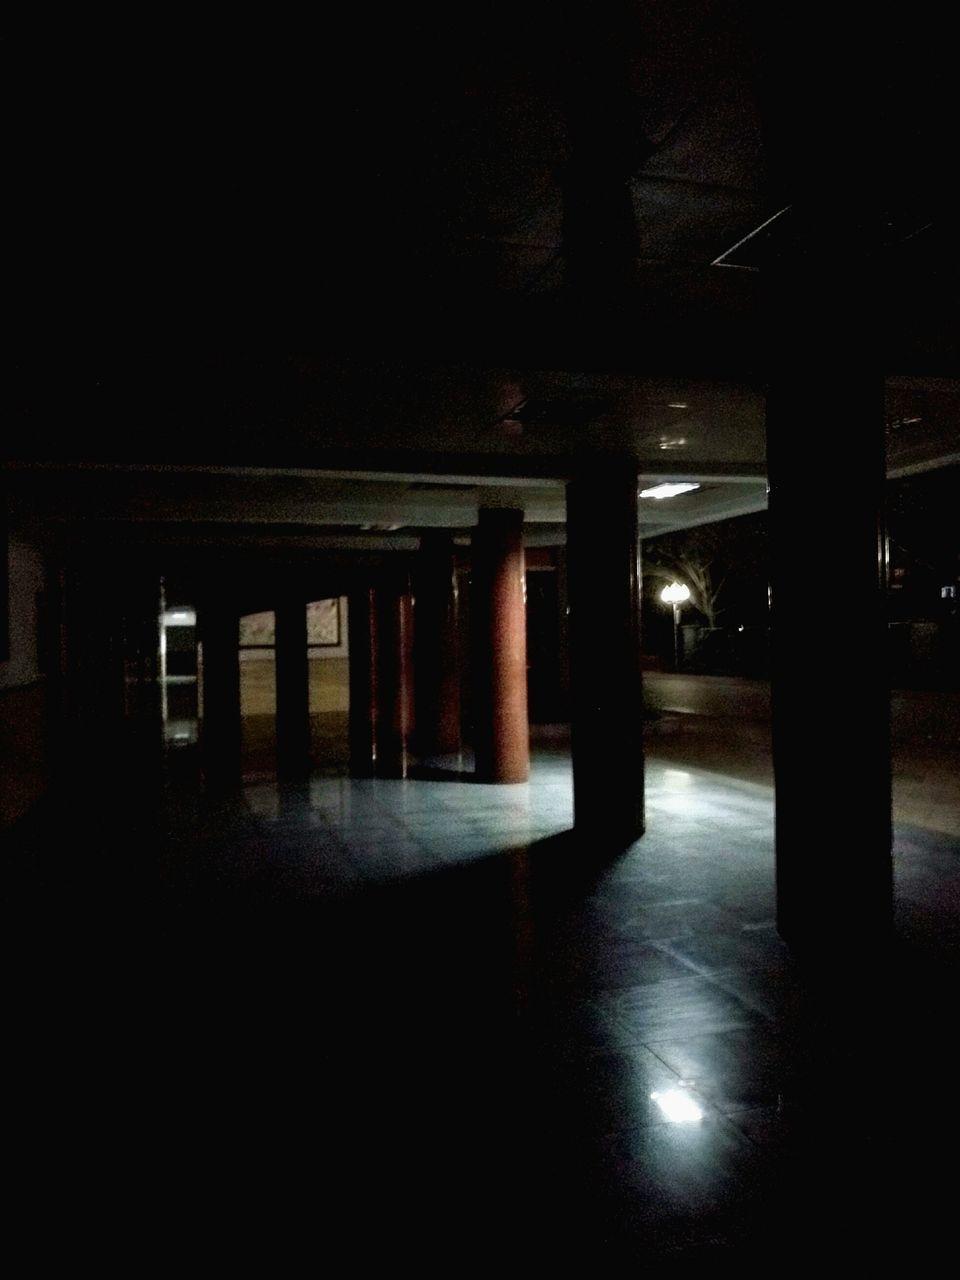 architectural column, indoors, empty, illuminated, underground, architecture, built structure, no people, pillar, basement, parking garage, underneath, day